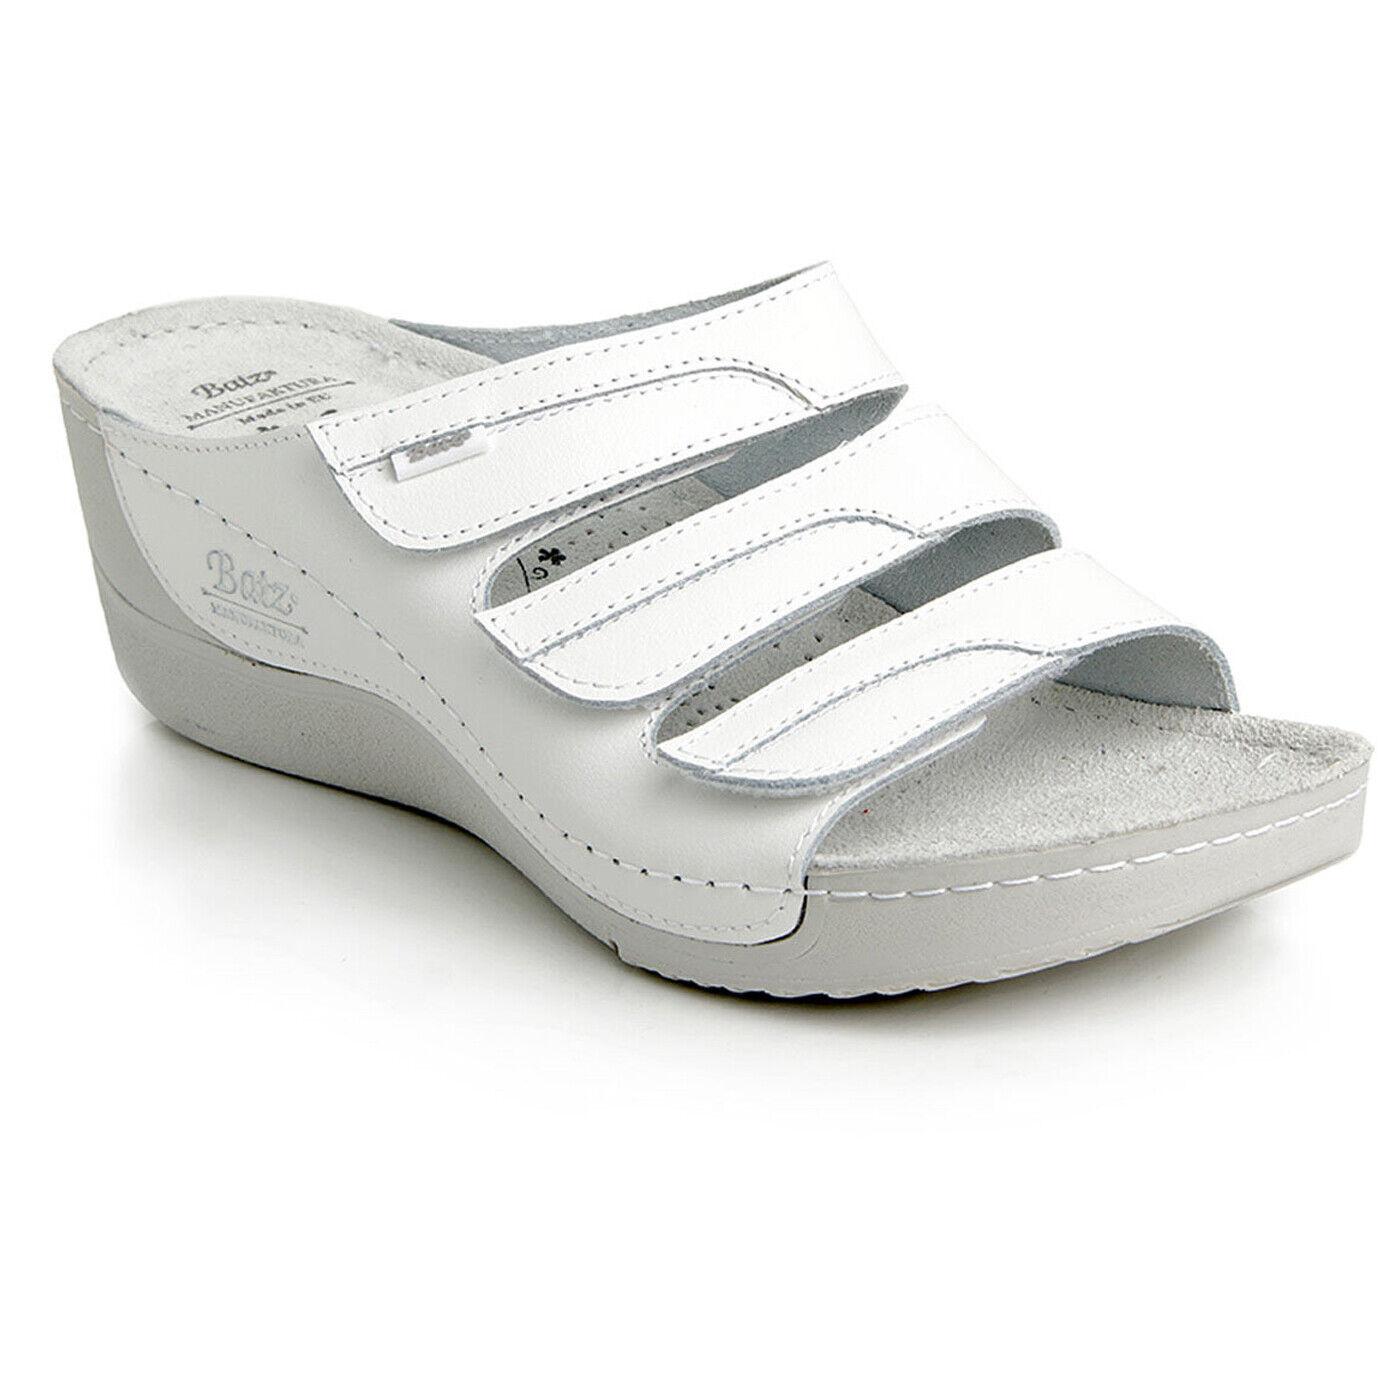 Sandalias De Cuero blancoo Batz Olga Hecho a Mano Zuecos Mulas Mujer Reino Unido